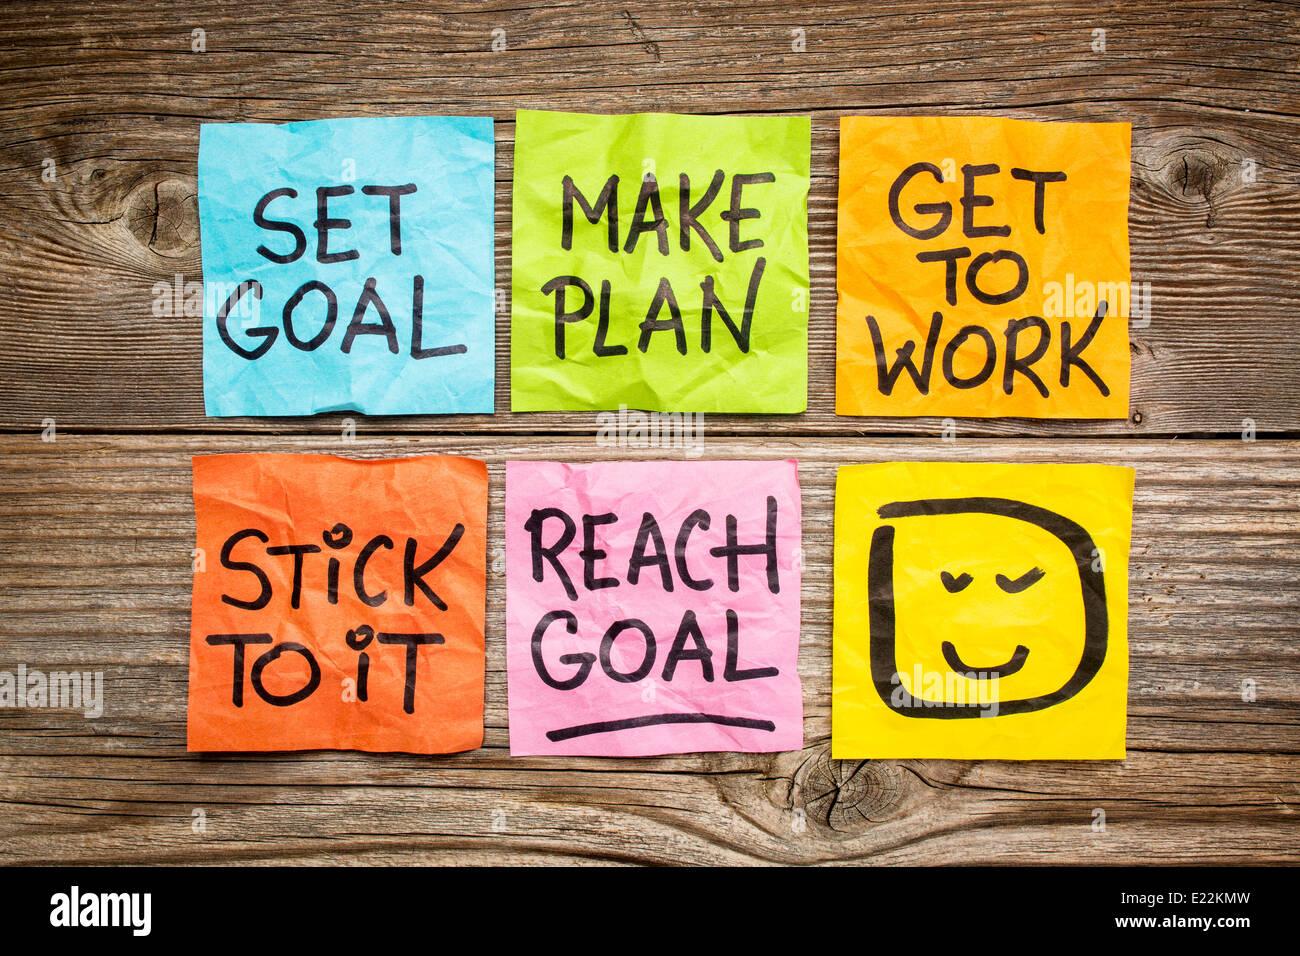 Imposta obiettivo, fare piano, lavoro, stick, raggiungere il traguardo - un successo concept presentato con colorati Immagini Stock